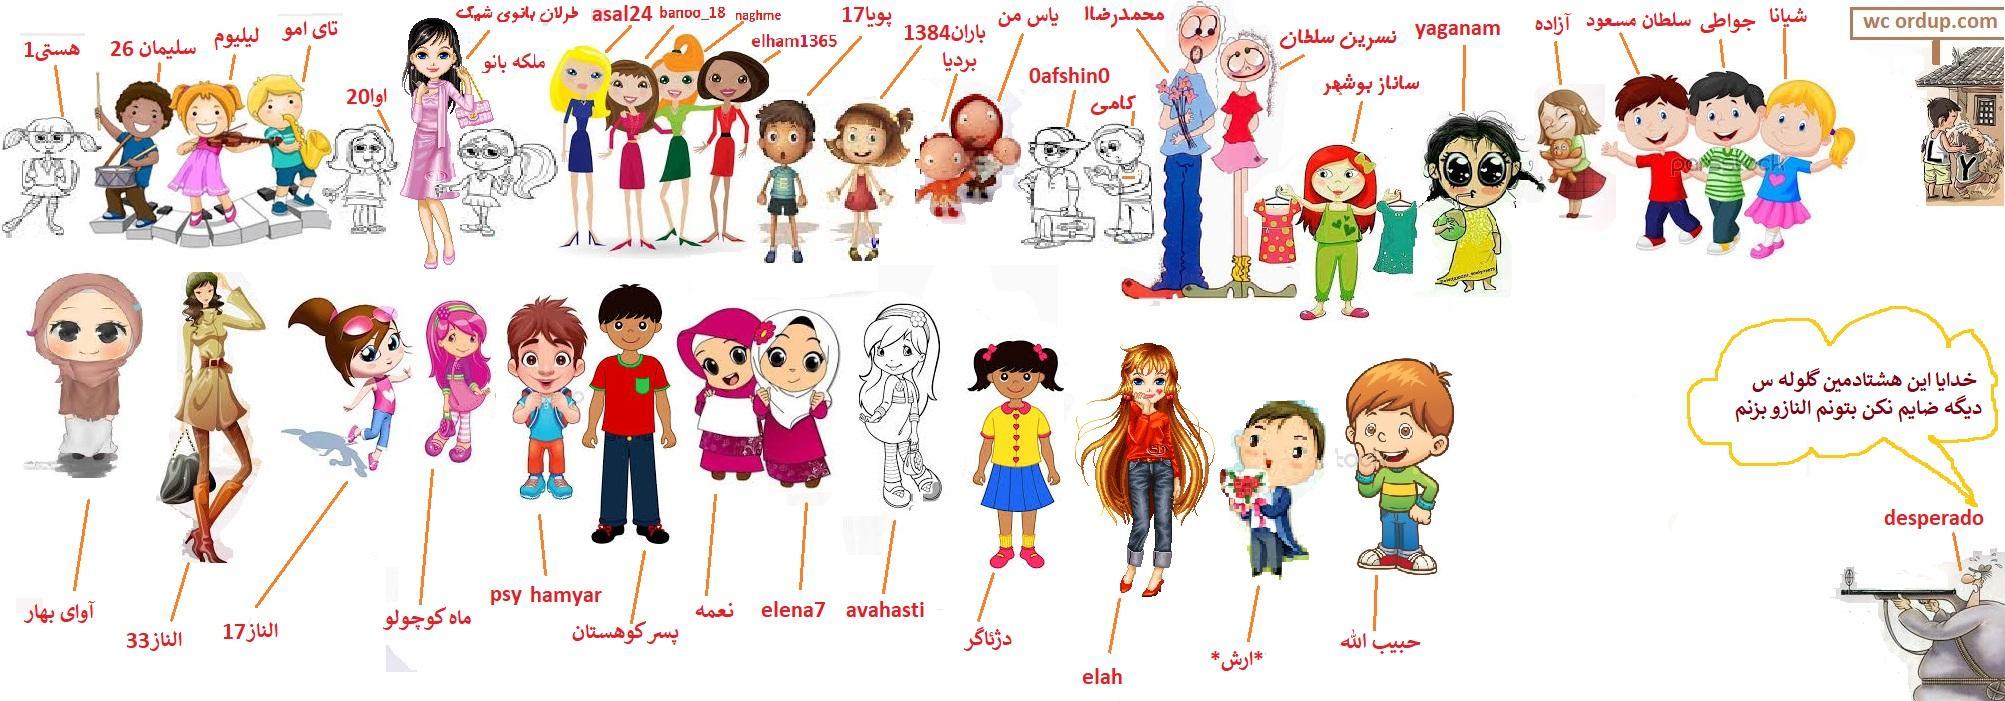 بچه های اورداپ سال1397 الناز33